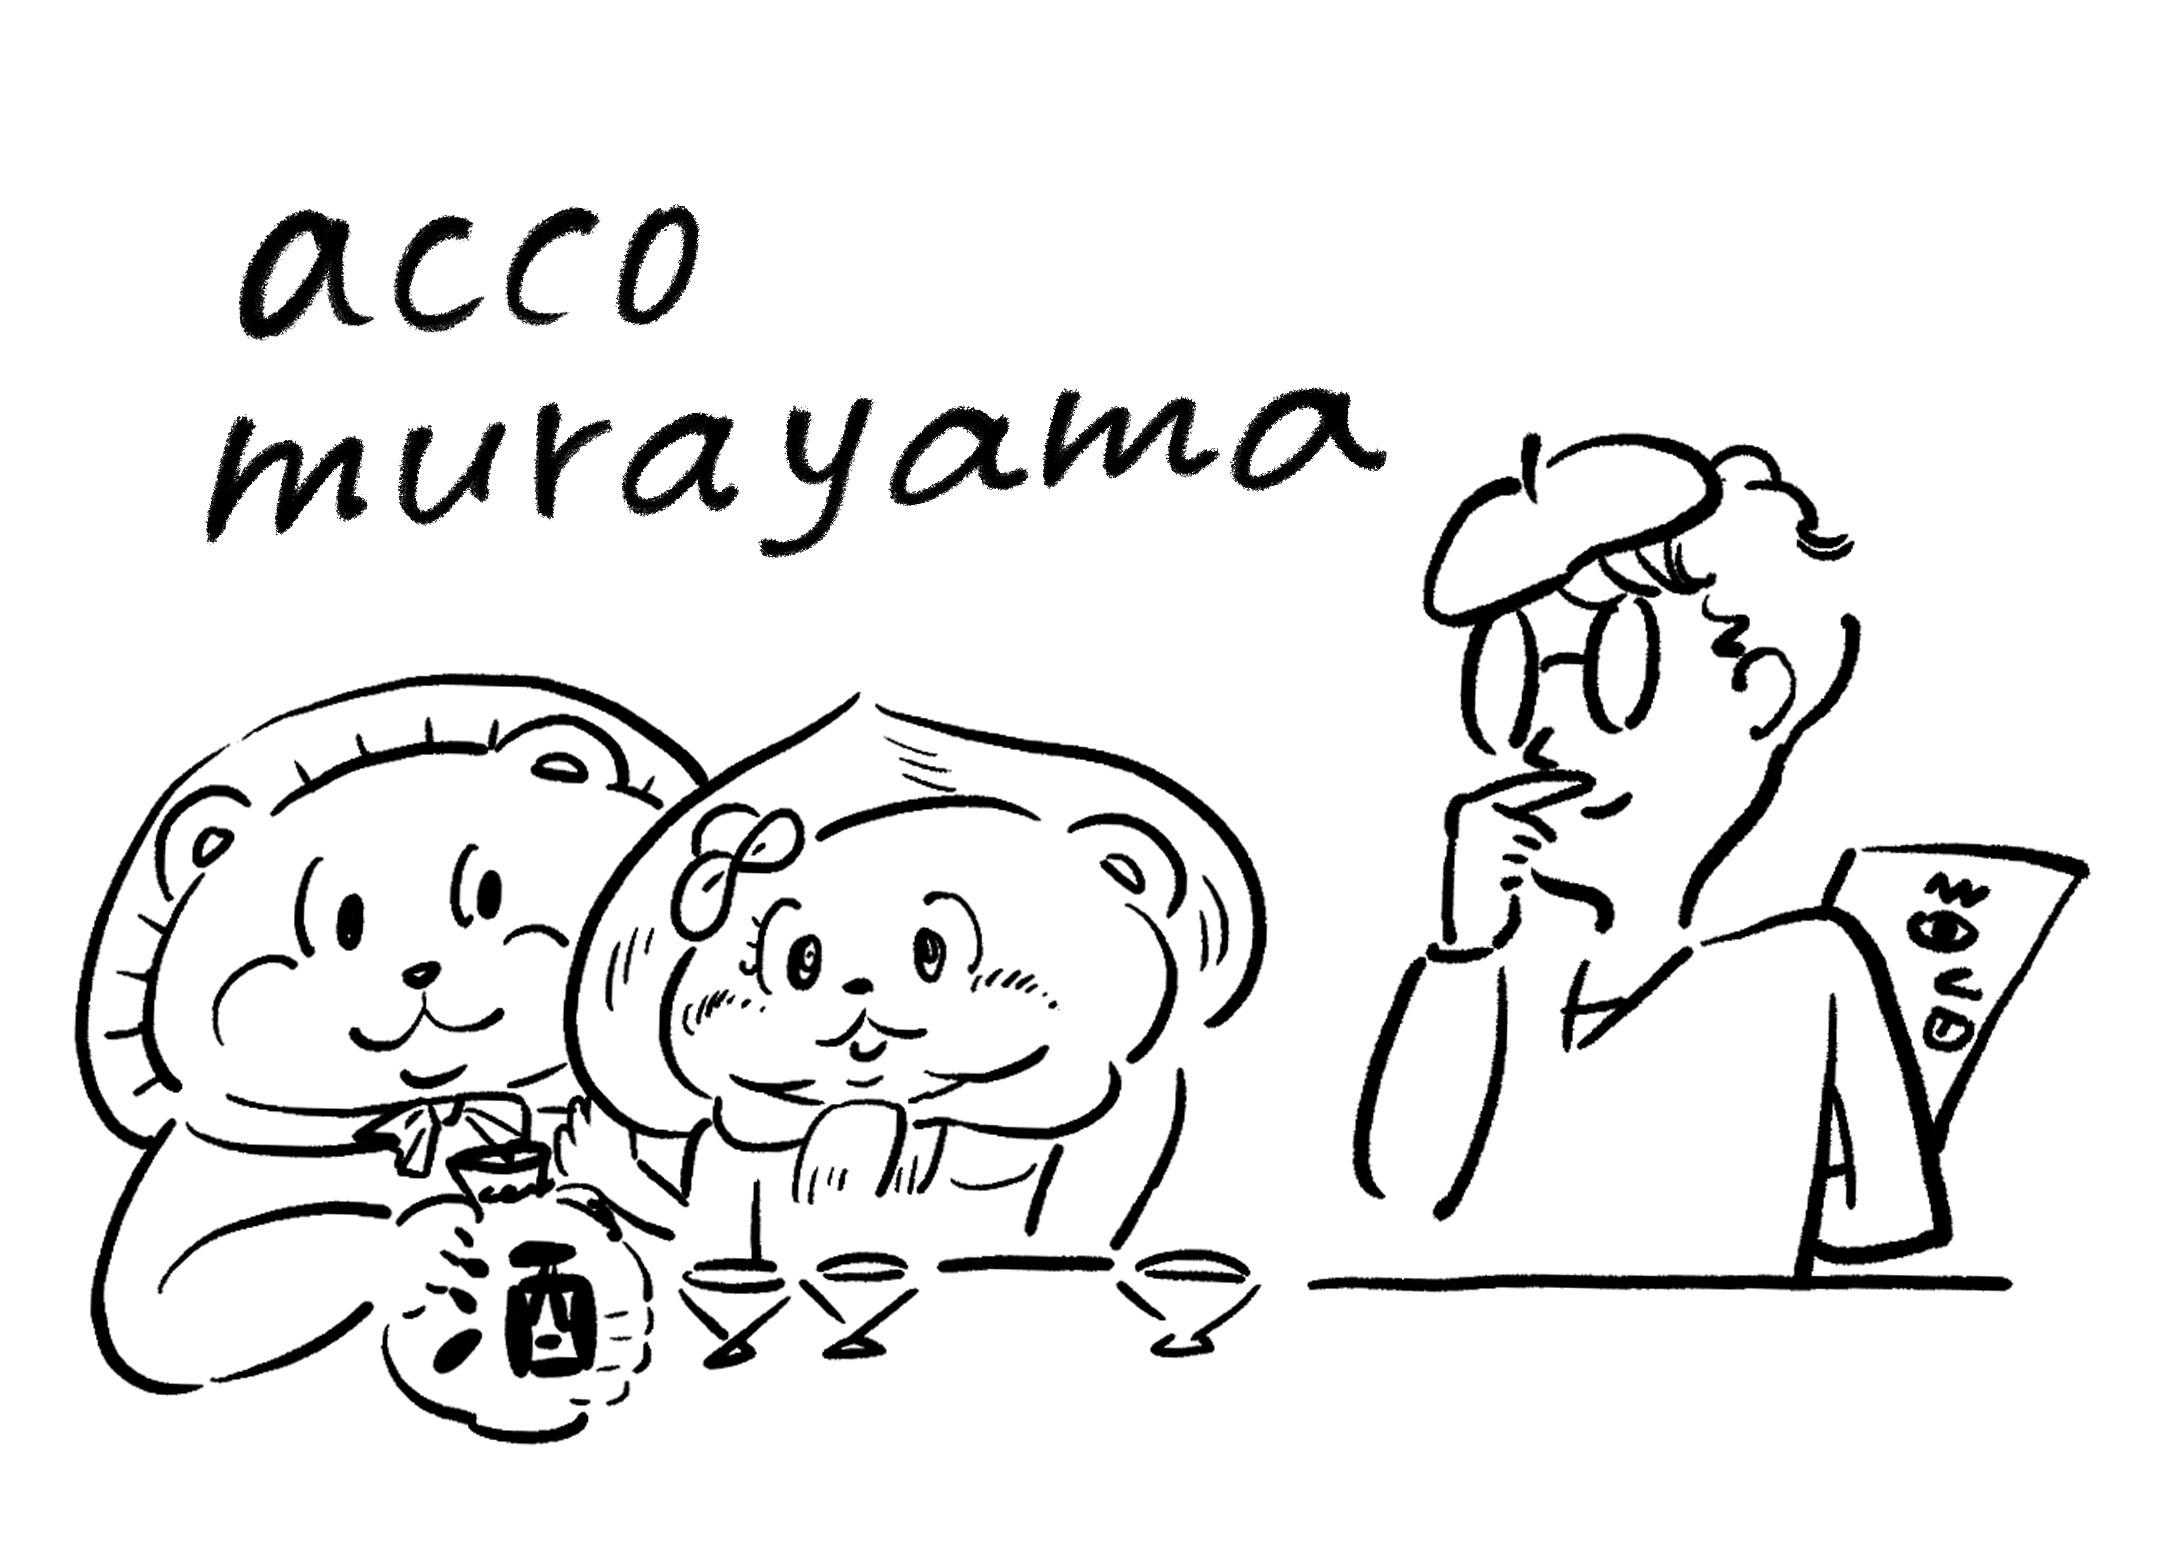 acco murayama